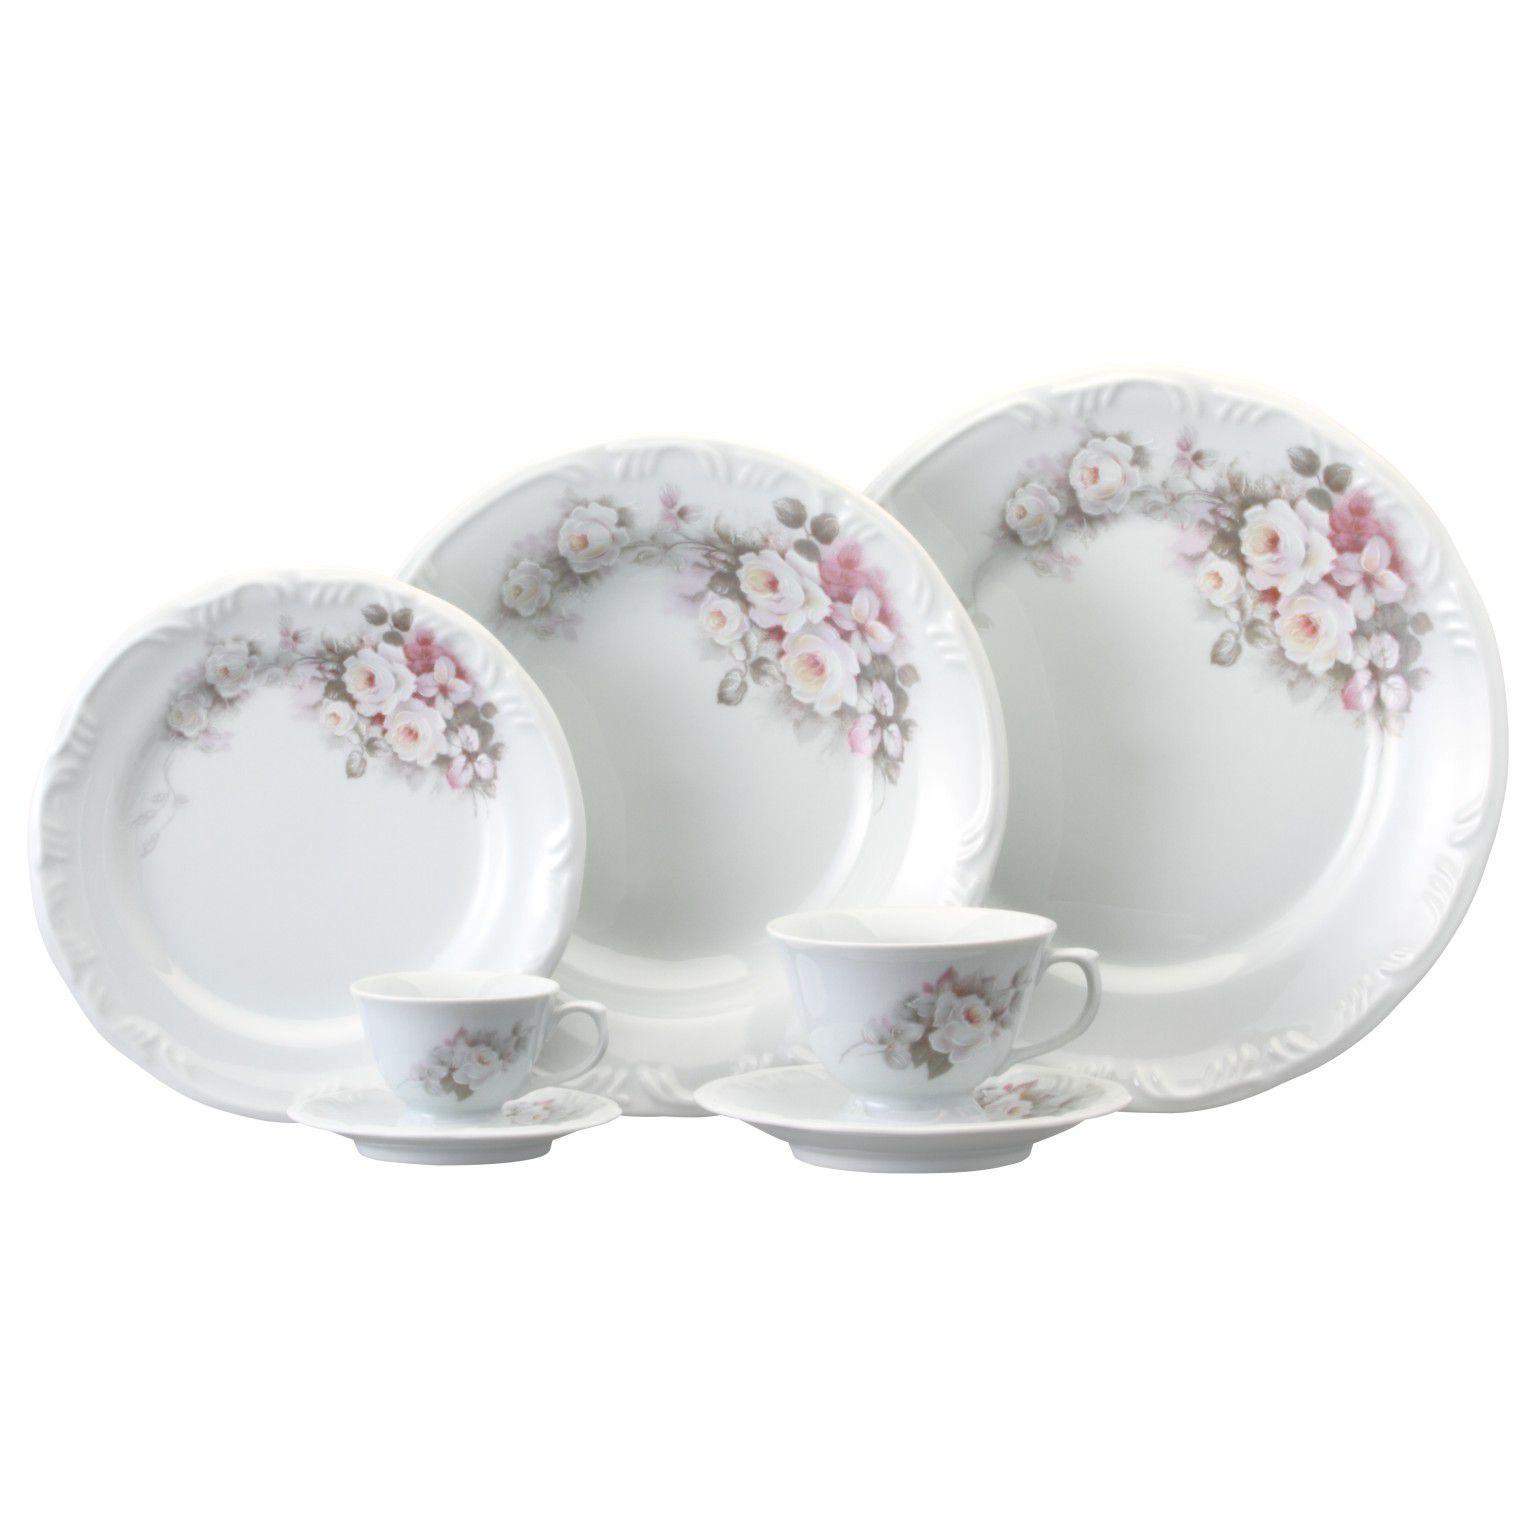 Aparelho de Jantar e Café Schmidt Eterna em Porcelana 05703 - 30 Peças